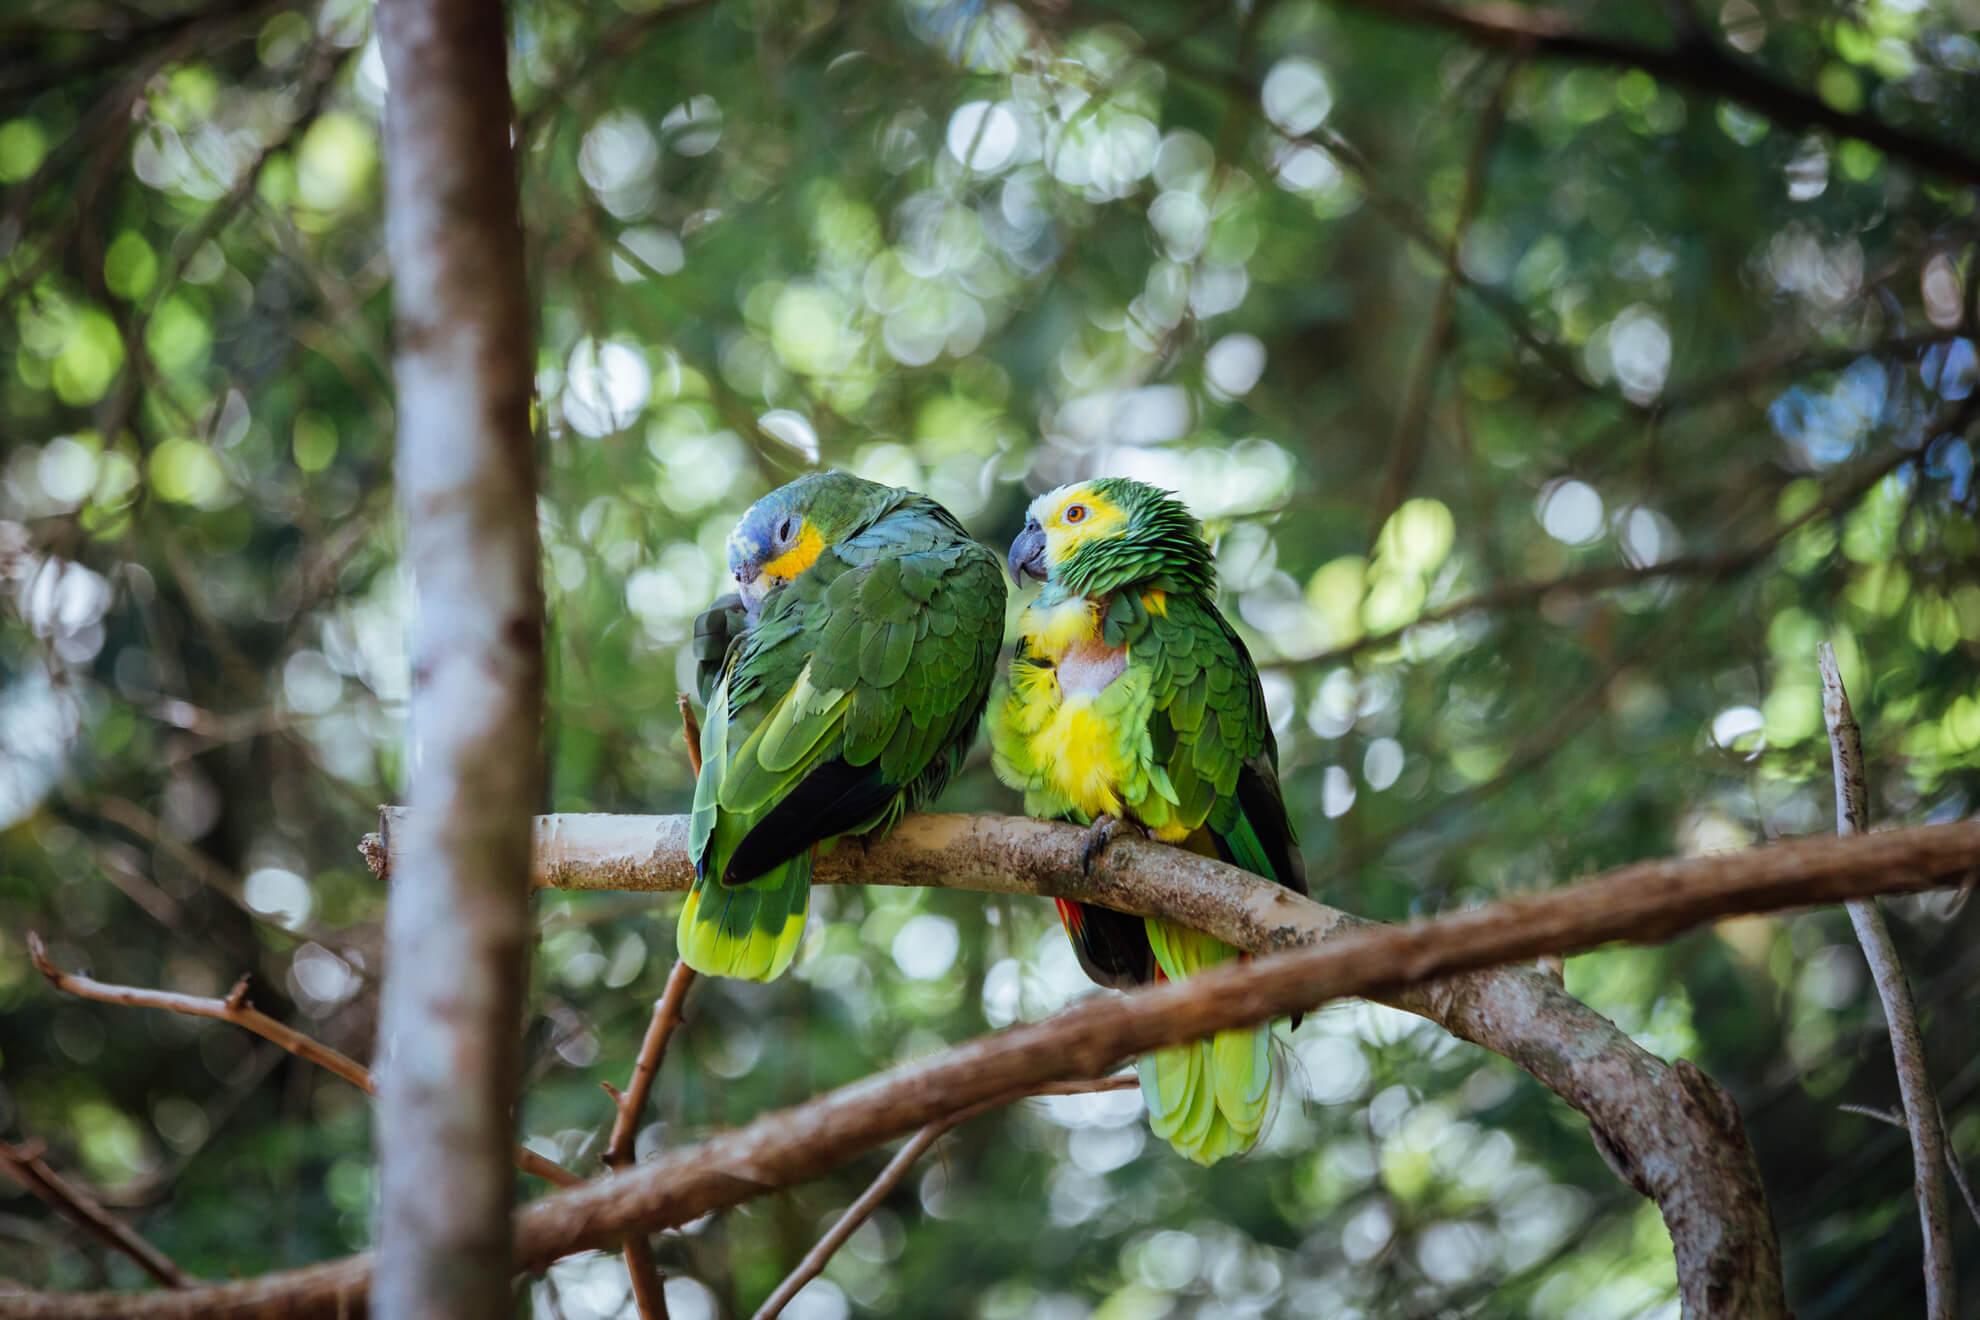 Parque das Aves, Foz do Iguaçu | papagaios resgatados